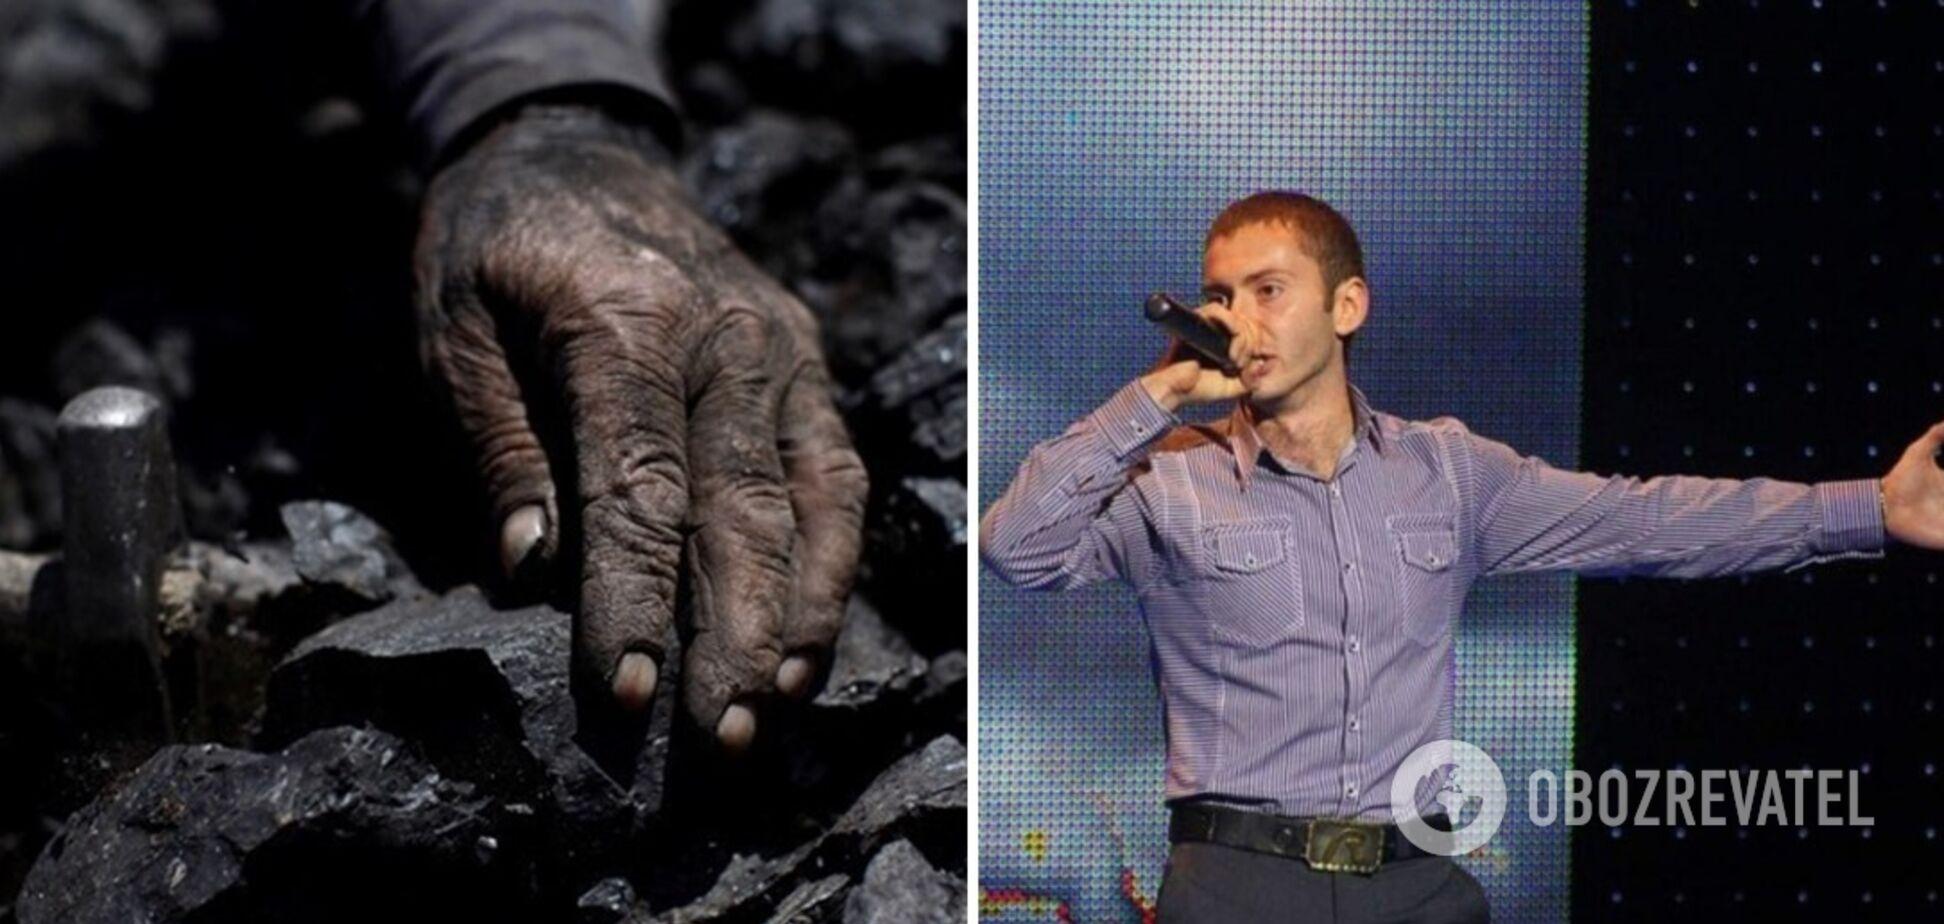 Дмитрий Курасов был победителем всеукраинских вокальных конкурсов и телешоу